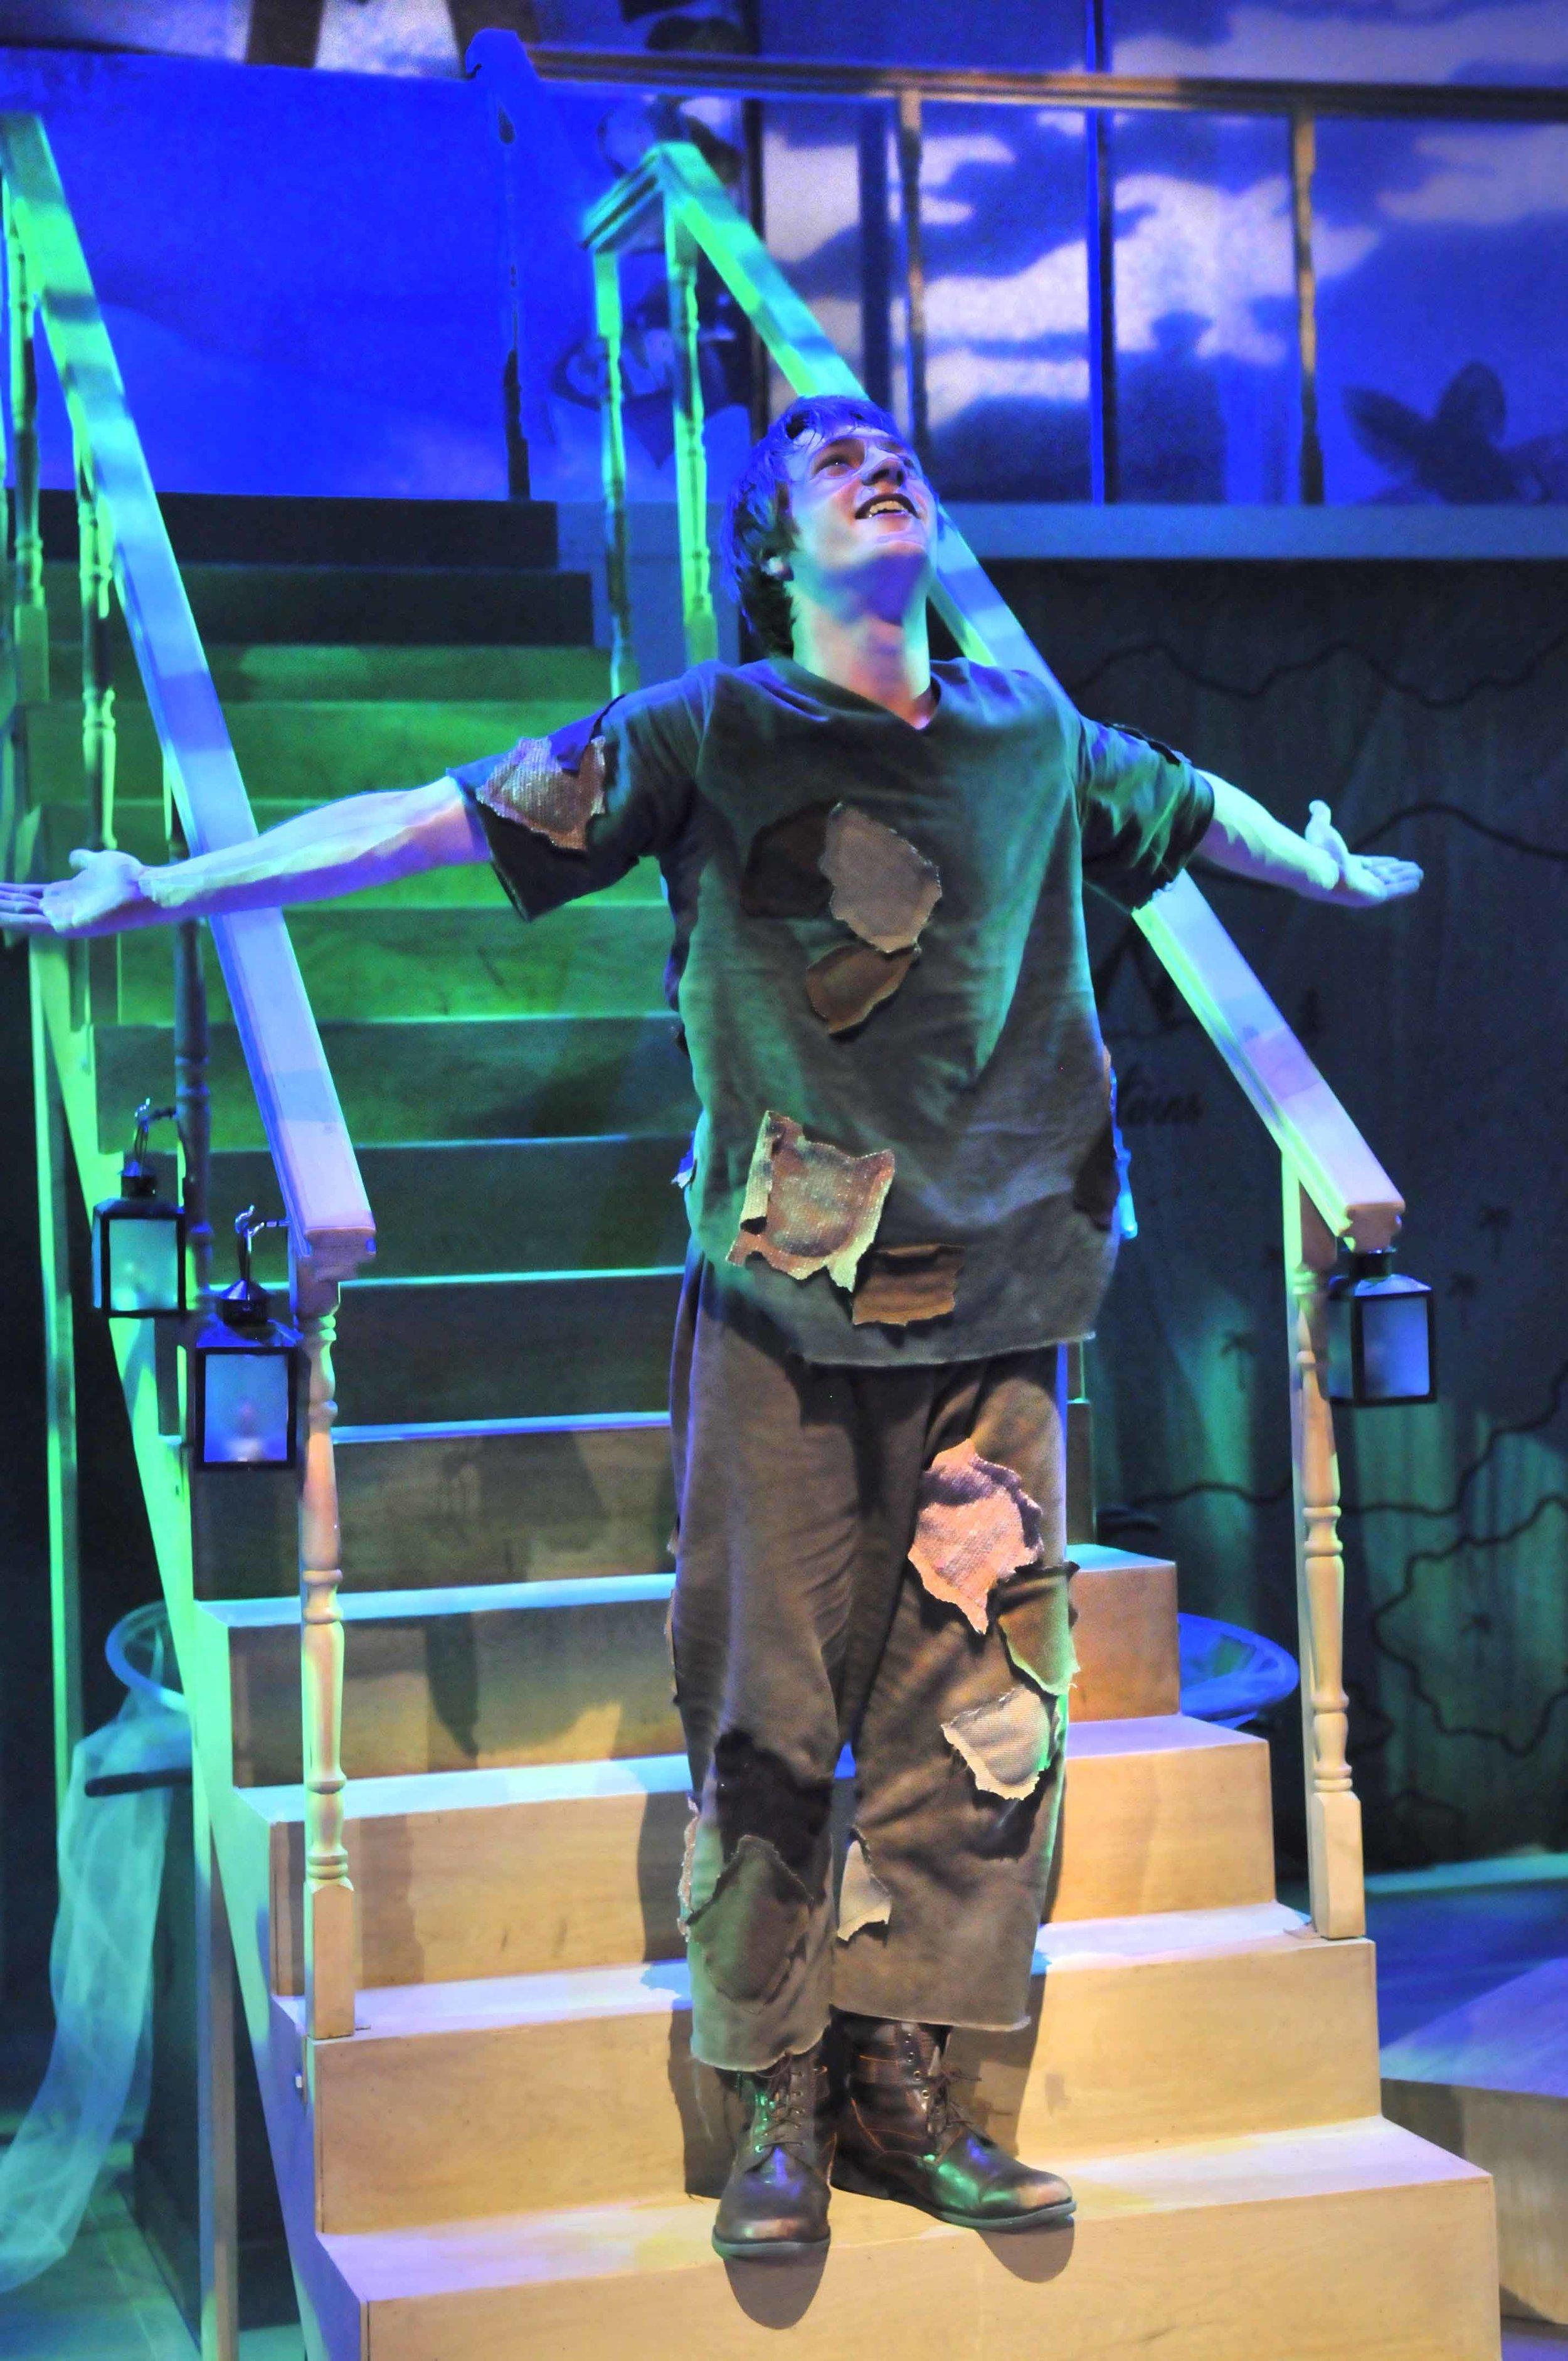 Peter Pan - Peter on stairs.jpg